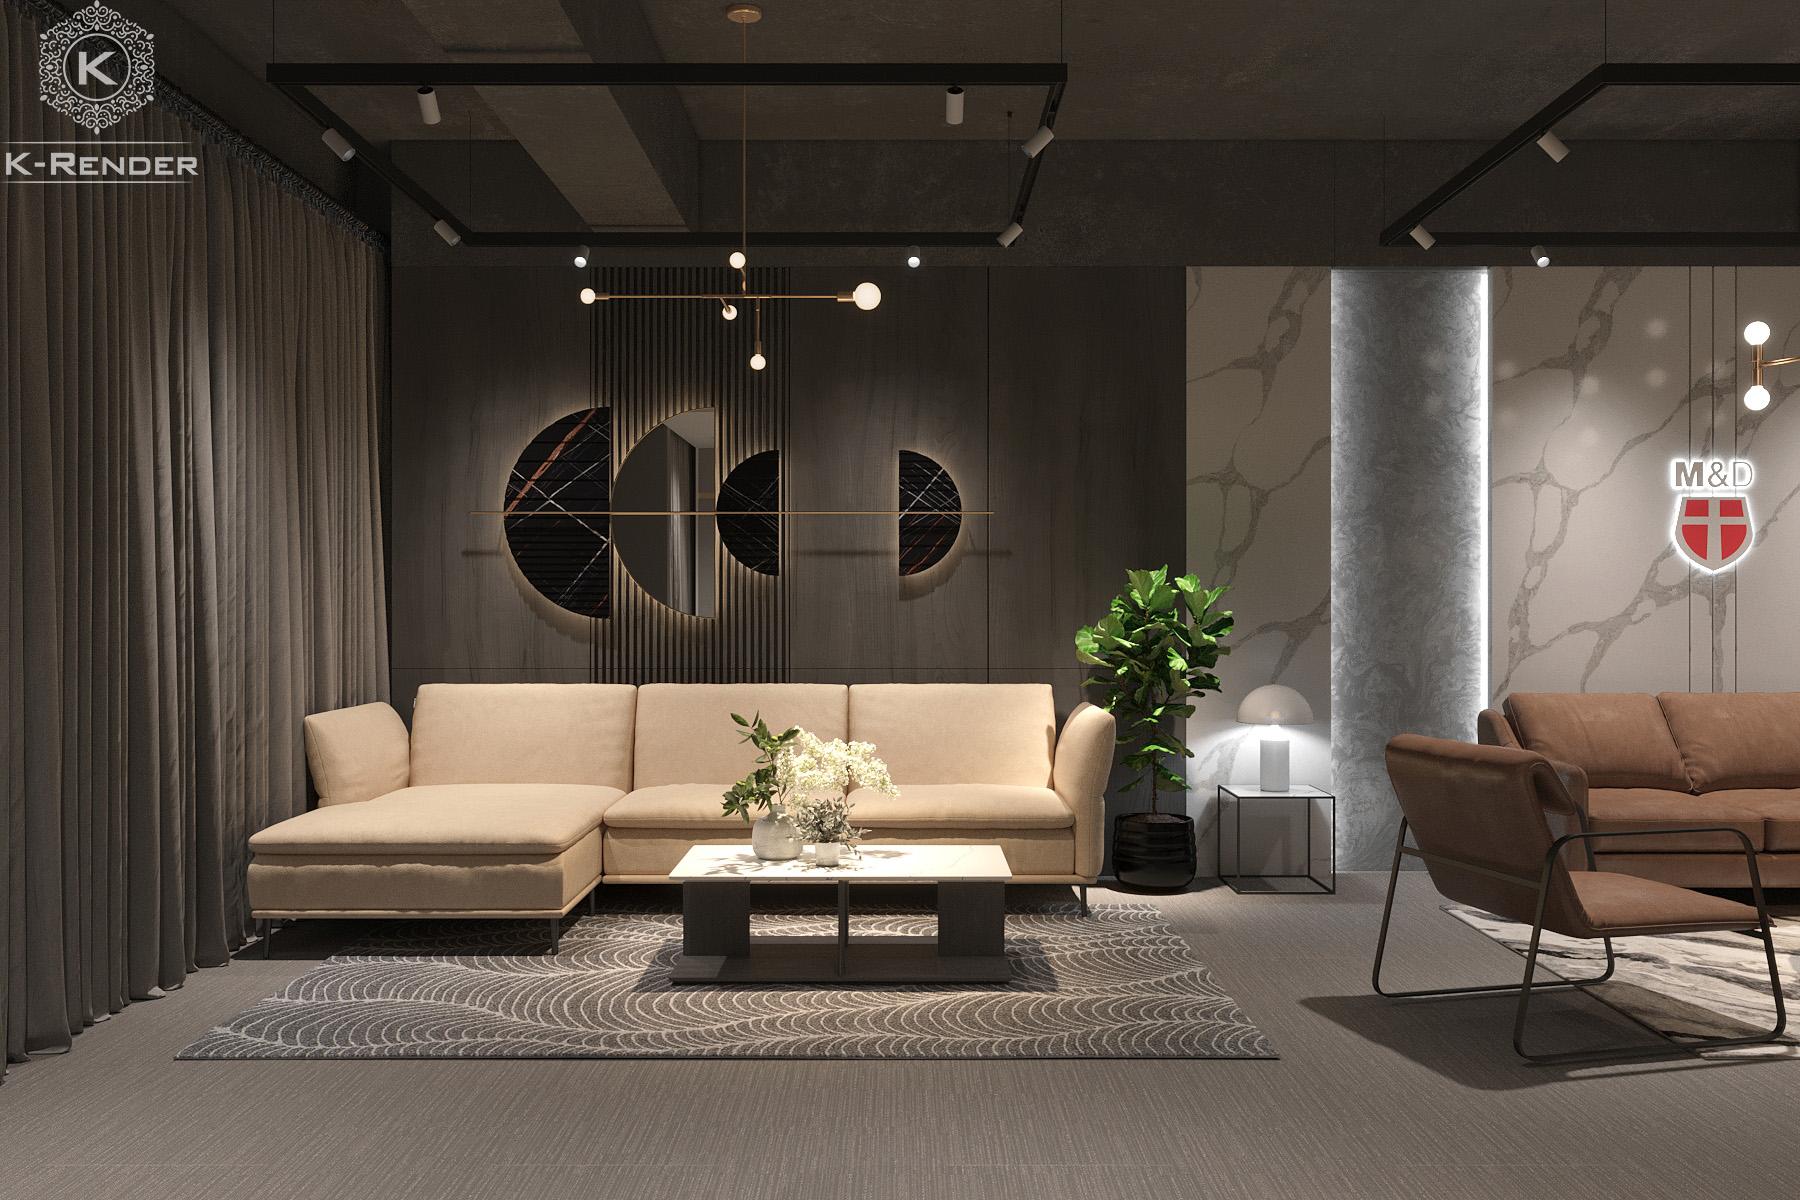 the-new-kenli-showroom-project-by-k-render-studio-3